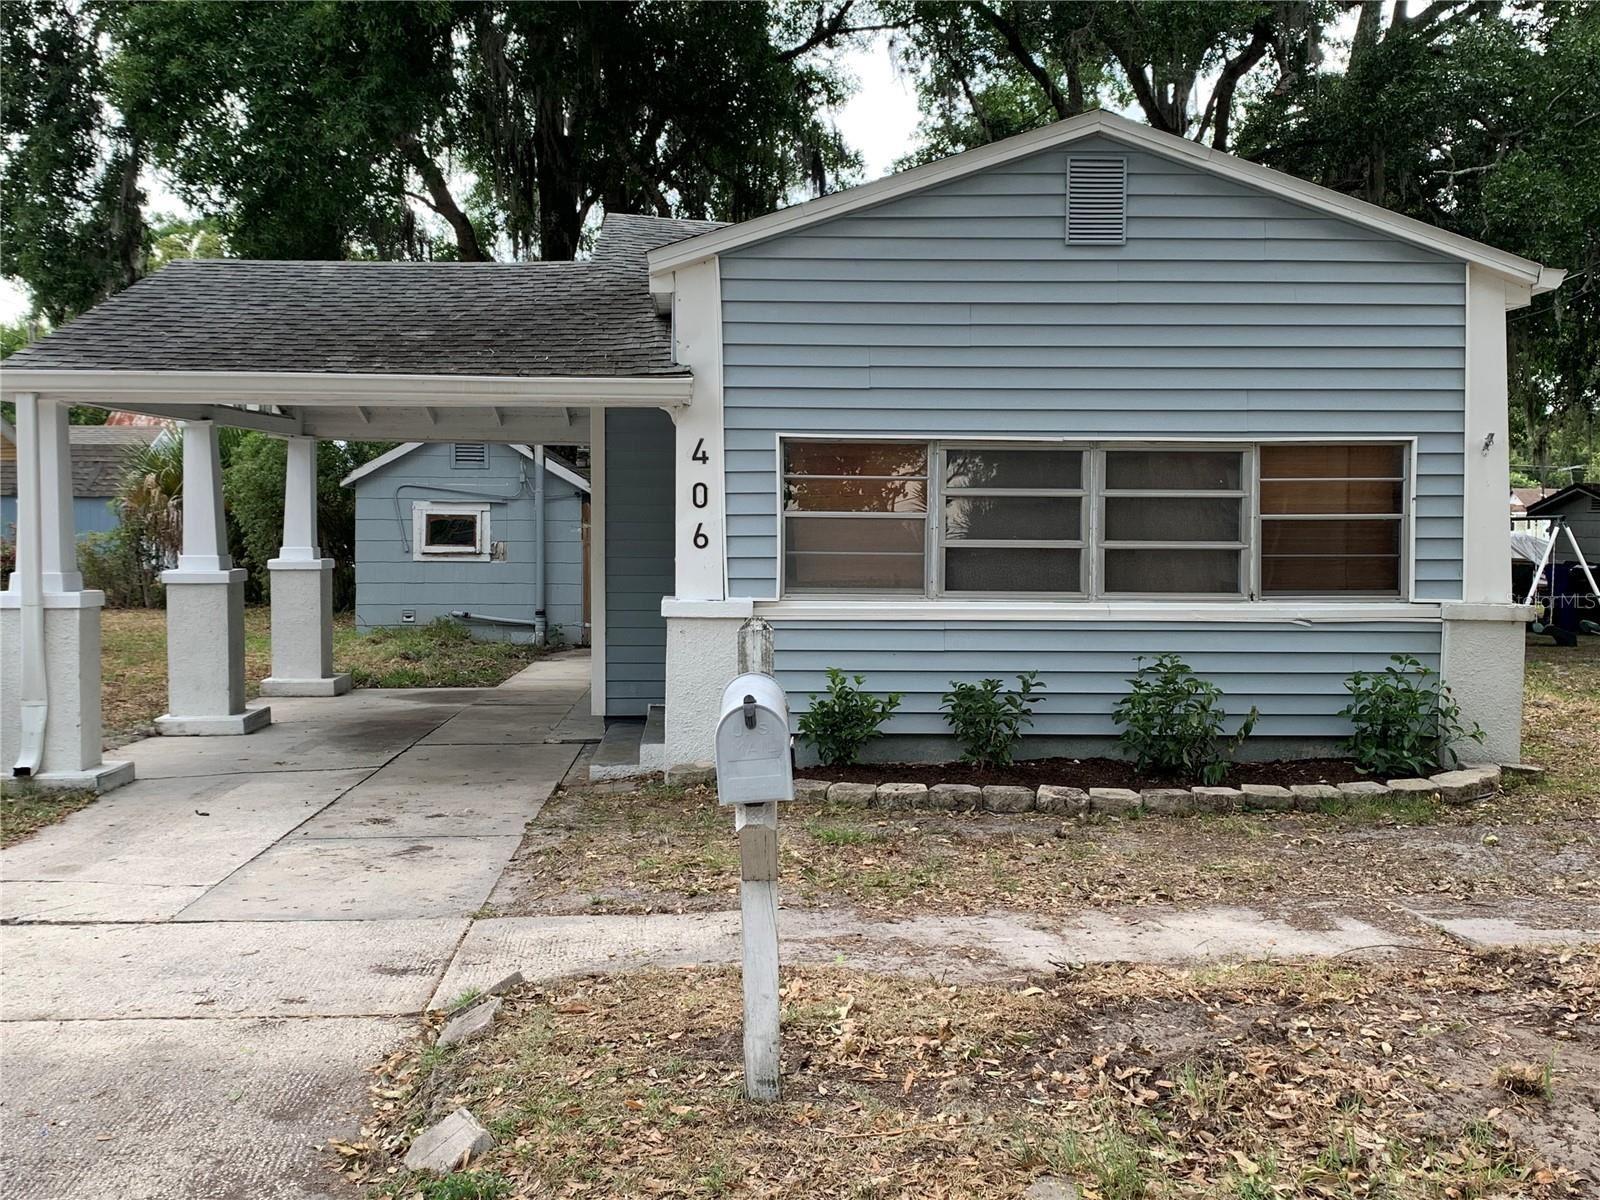 406 10TH STREET, Saint Cloud, FL 34769 - #: S5051347